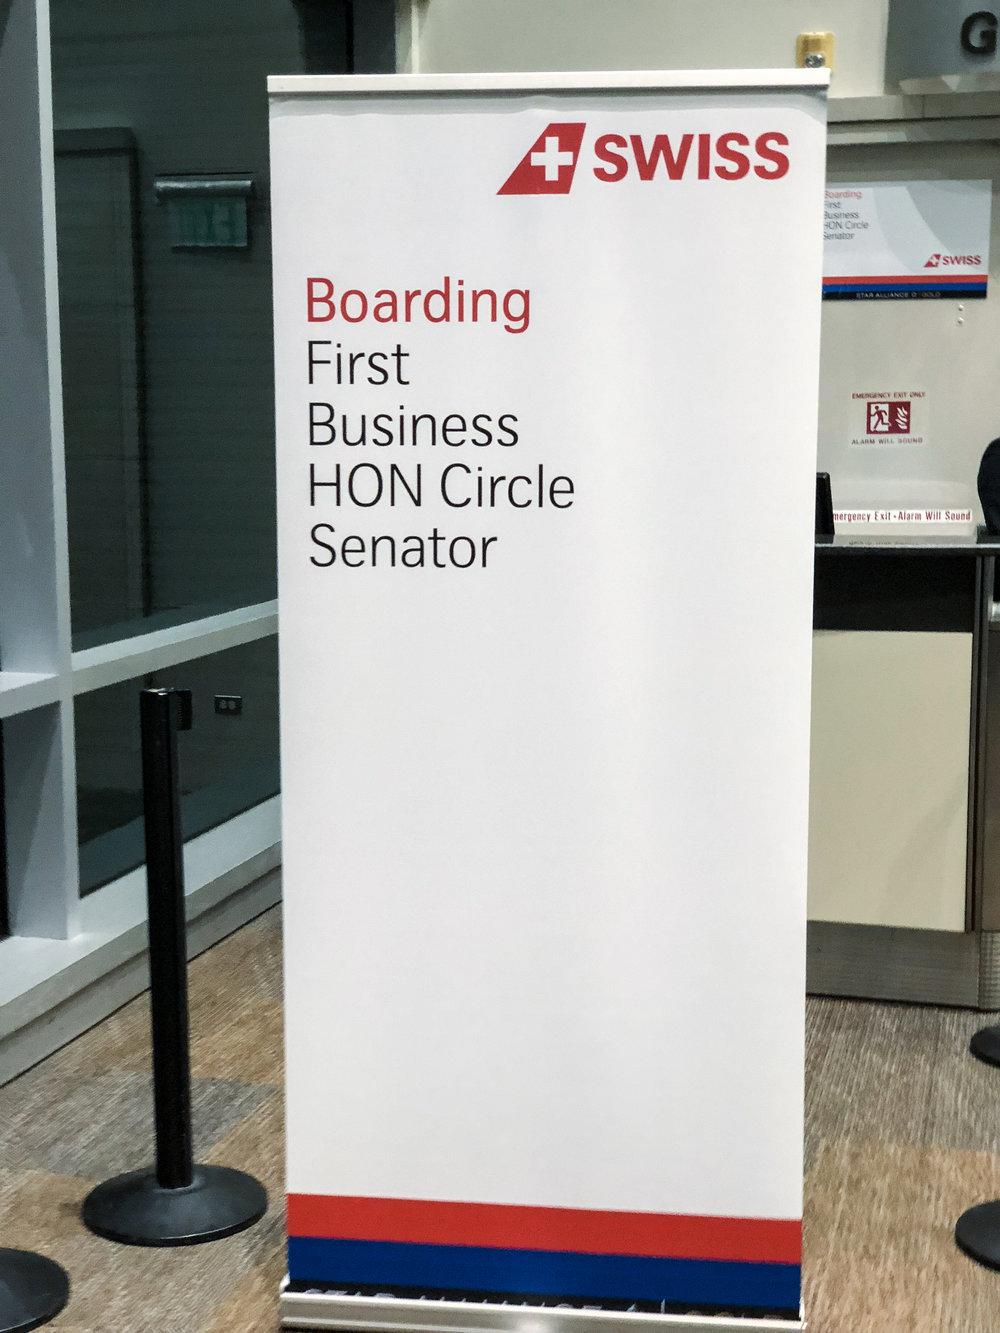 Swiss boarding groups